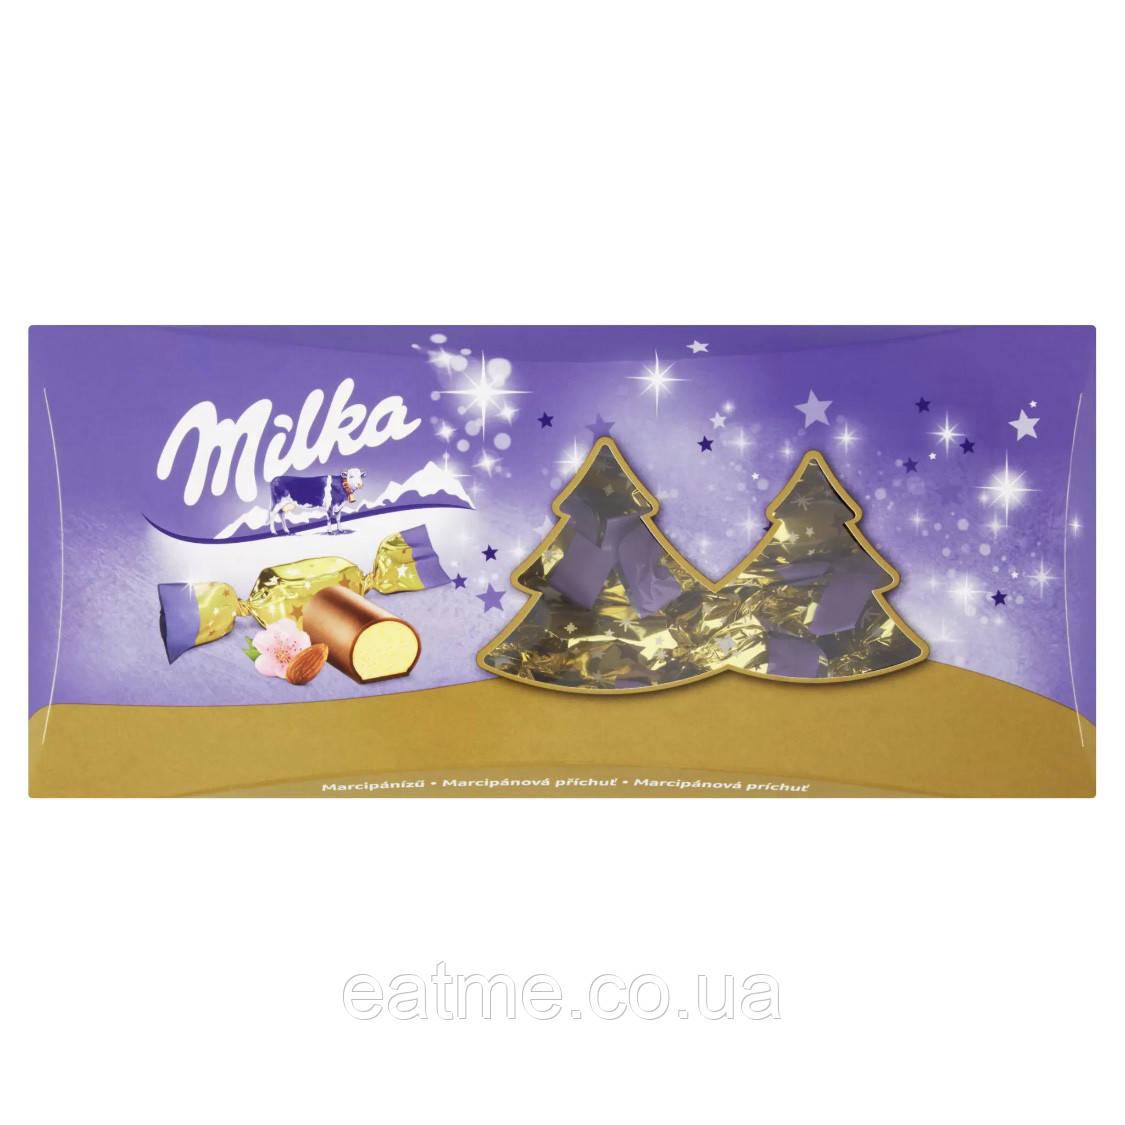 Конфеты Milka с марципановой начинкой